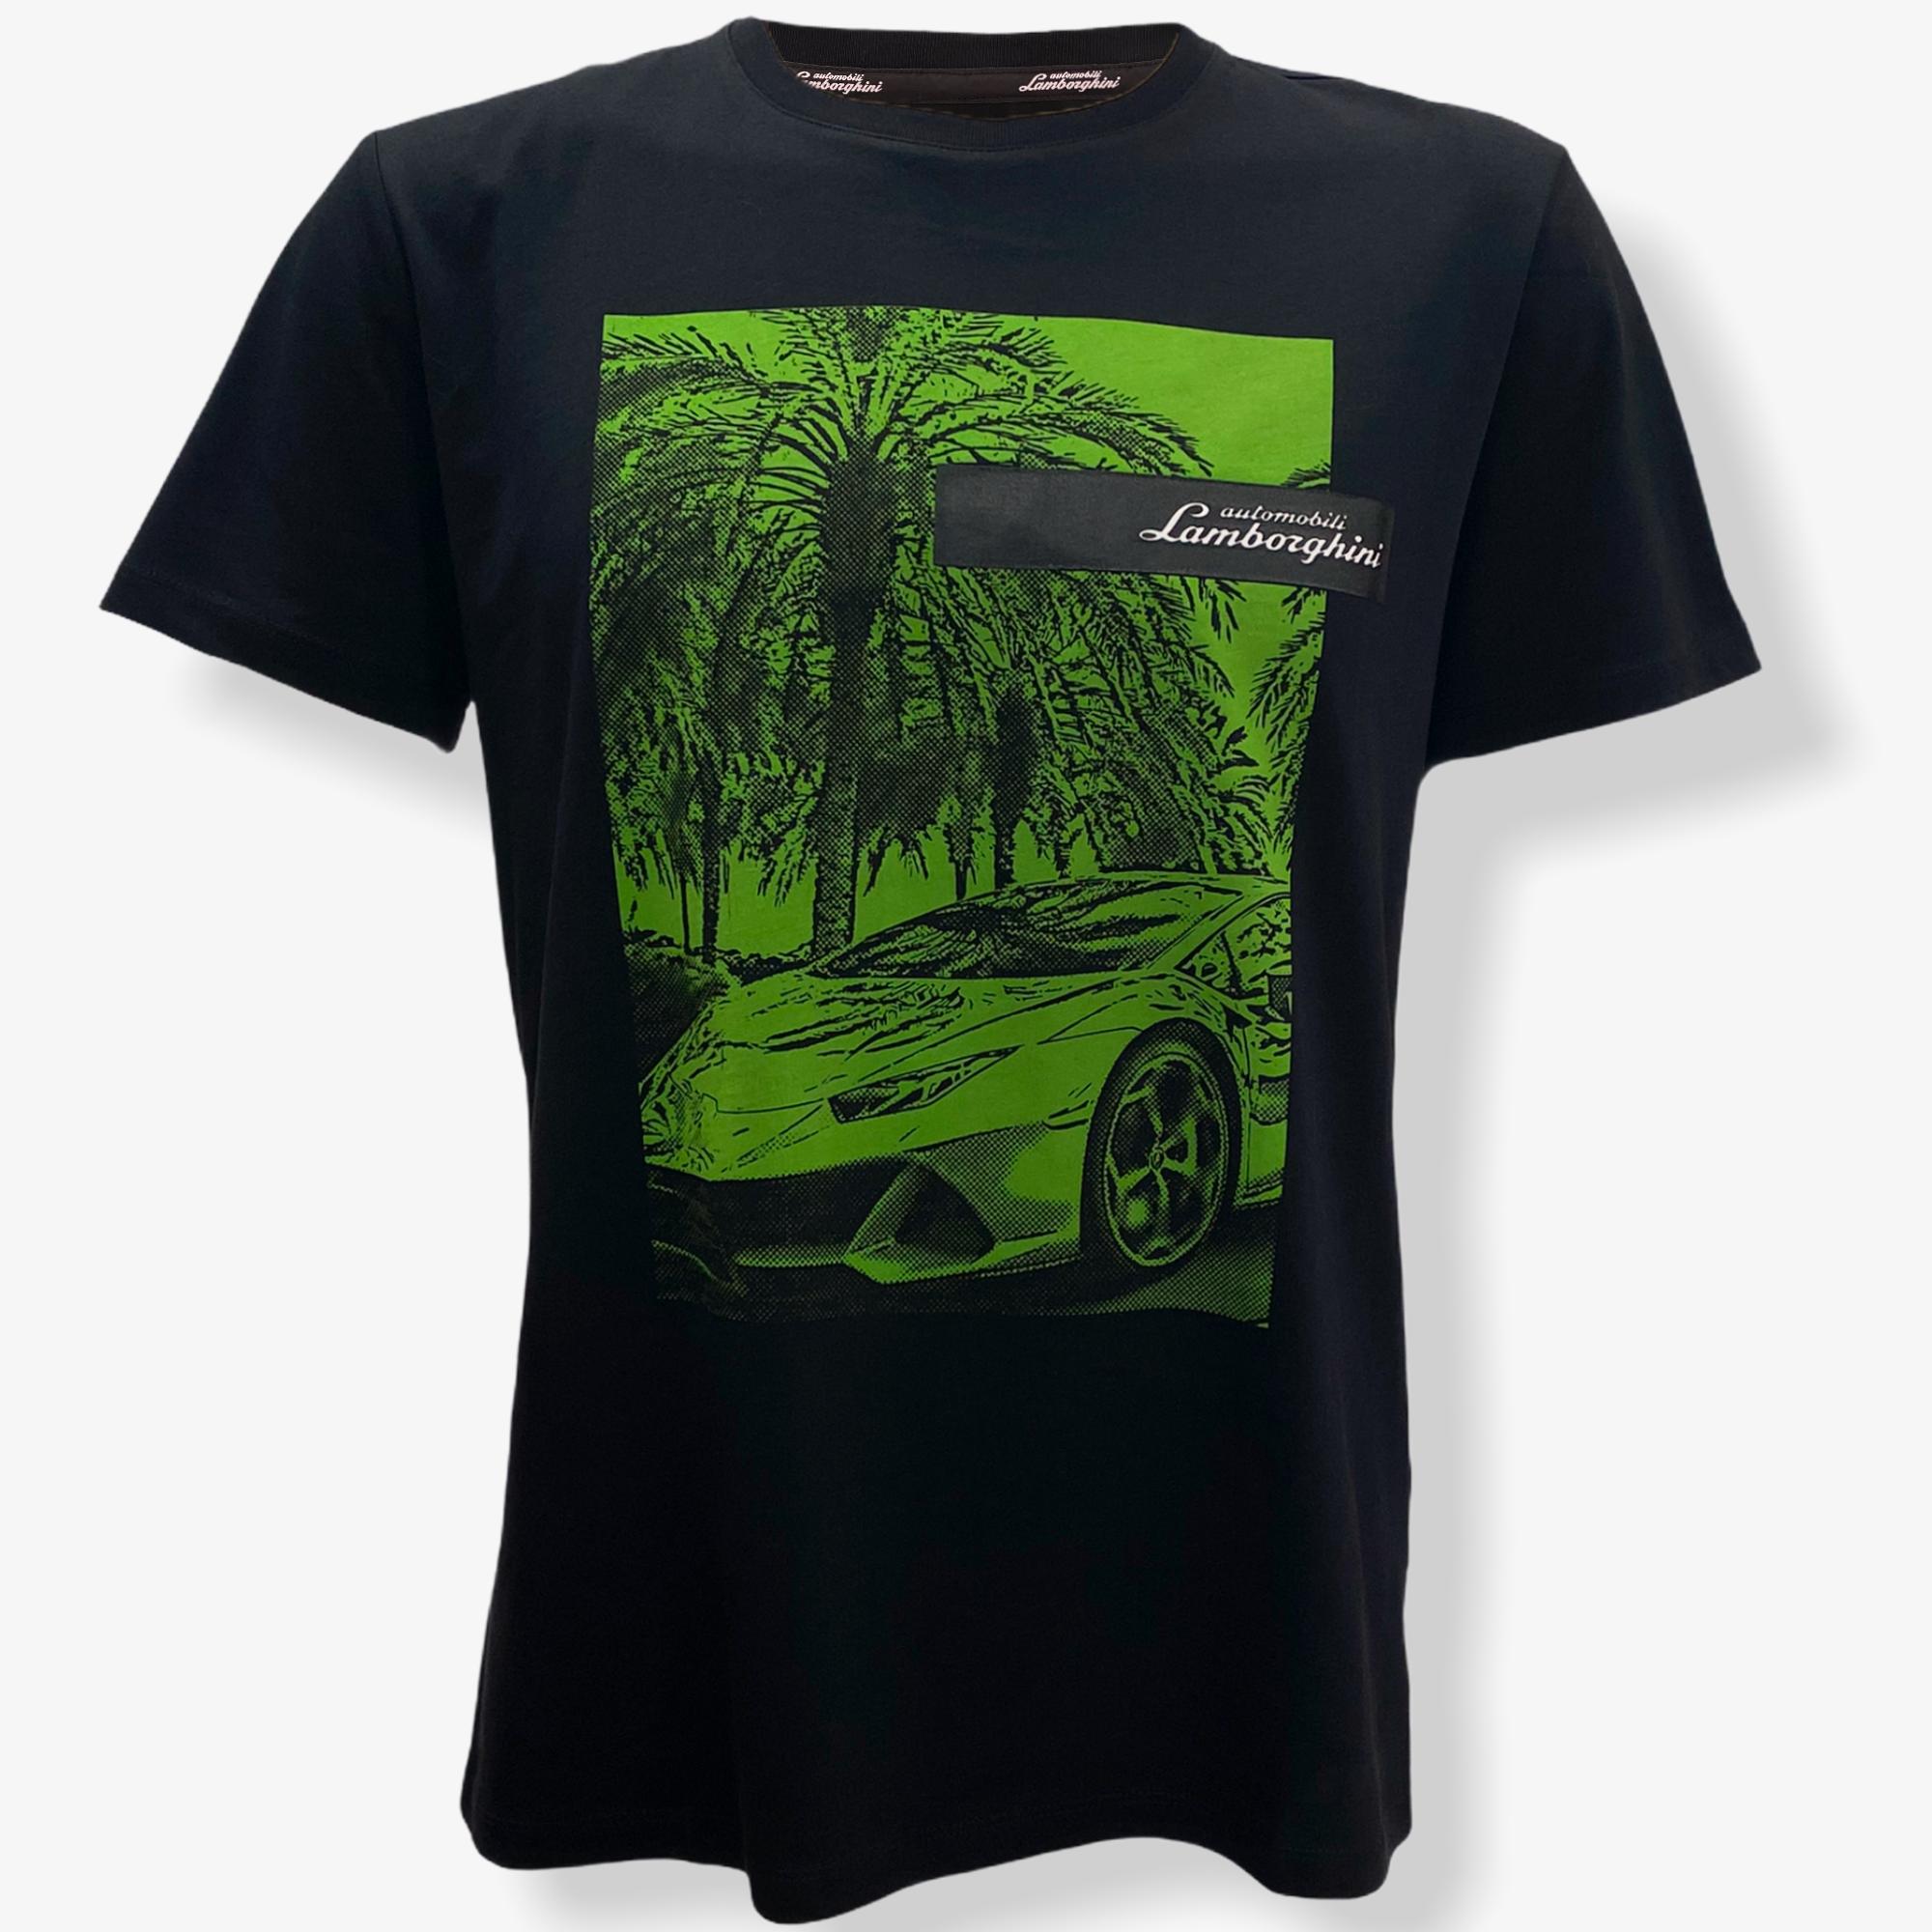 Automobili Lamborghini - T-shirt HURACAN EVO